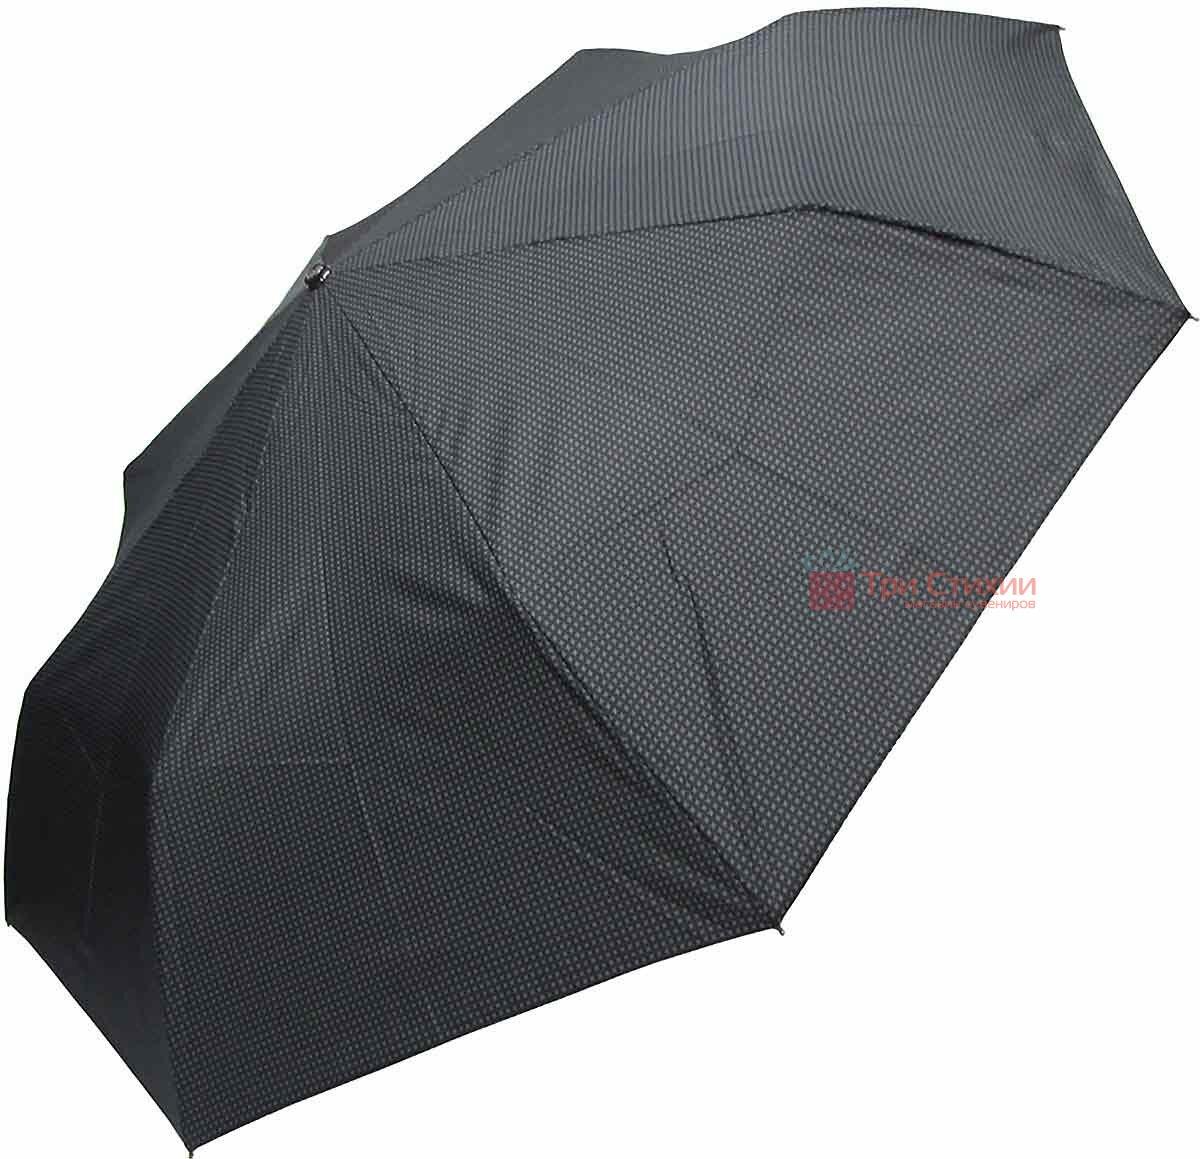 Зонт складной Doppler XM 74367N-1 автомат Черный серо-красная полоска, фото